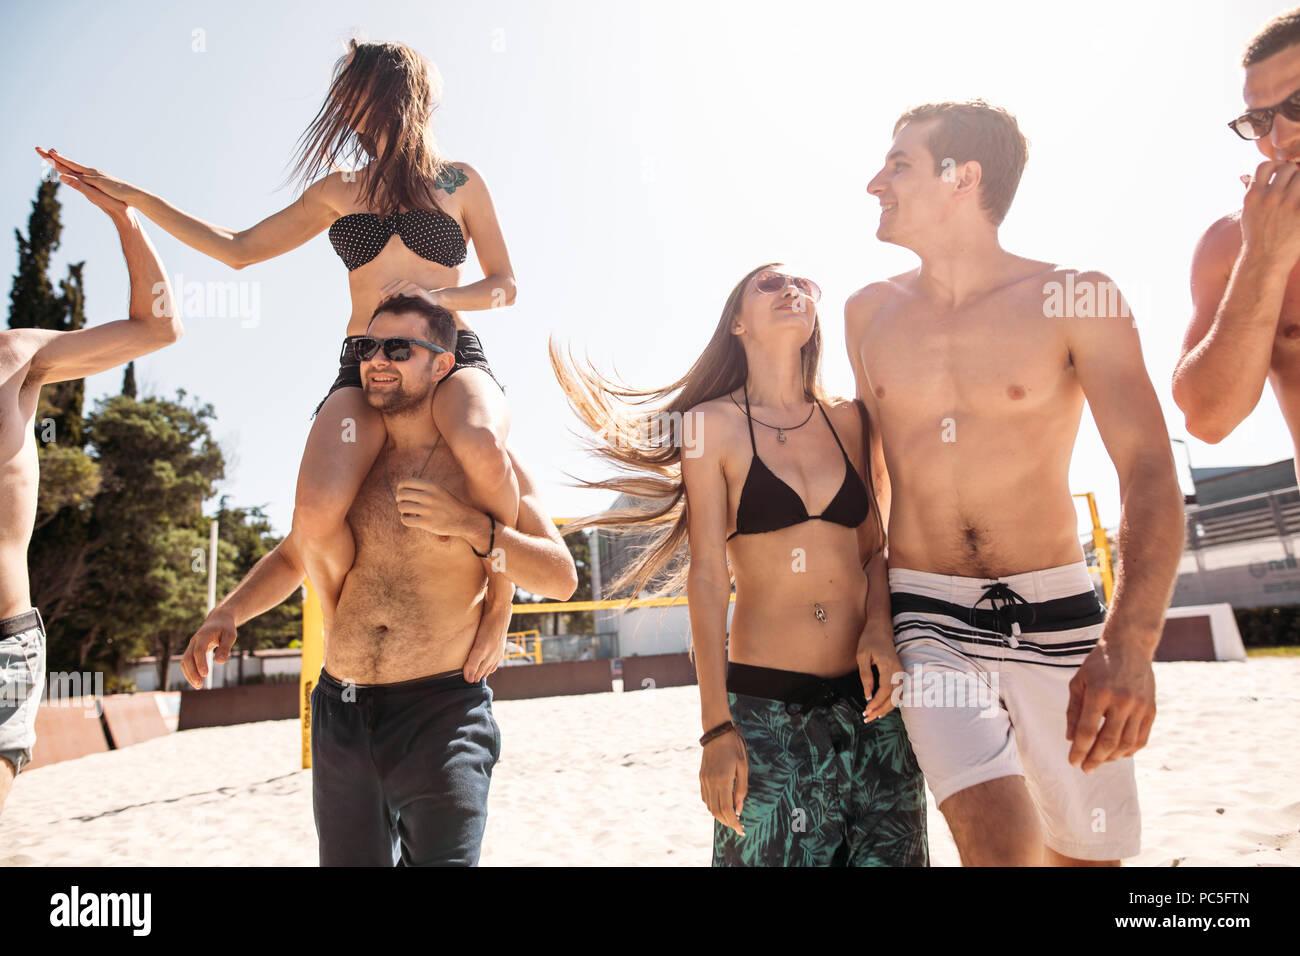 Europäischen erwachsenen Menschen, fröhliche Jungs und Mädchen, ihre Freizeit verbringt auf Hotel Sandy volleyball feld, Spaß haben, leben gesunde, aktive lifestyl Stockbild